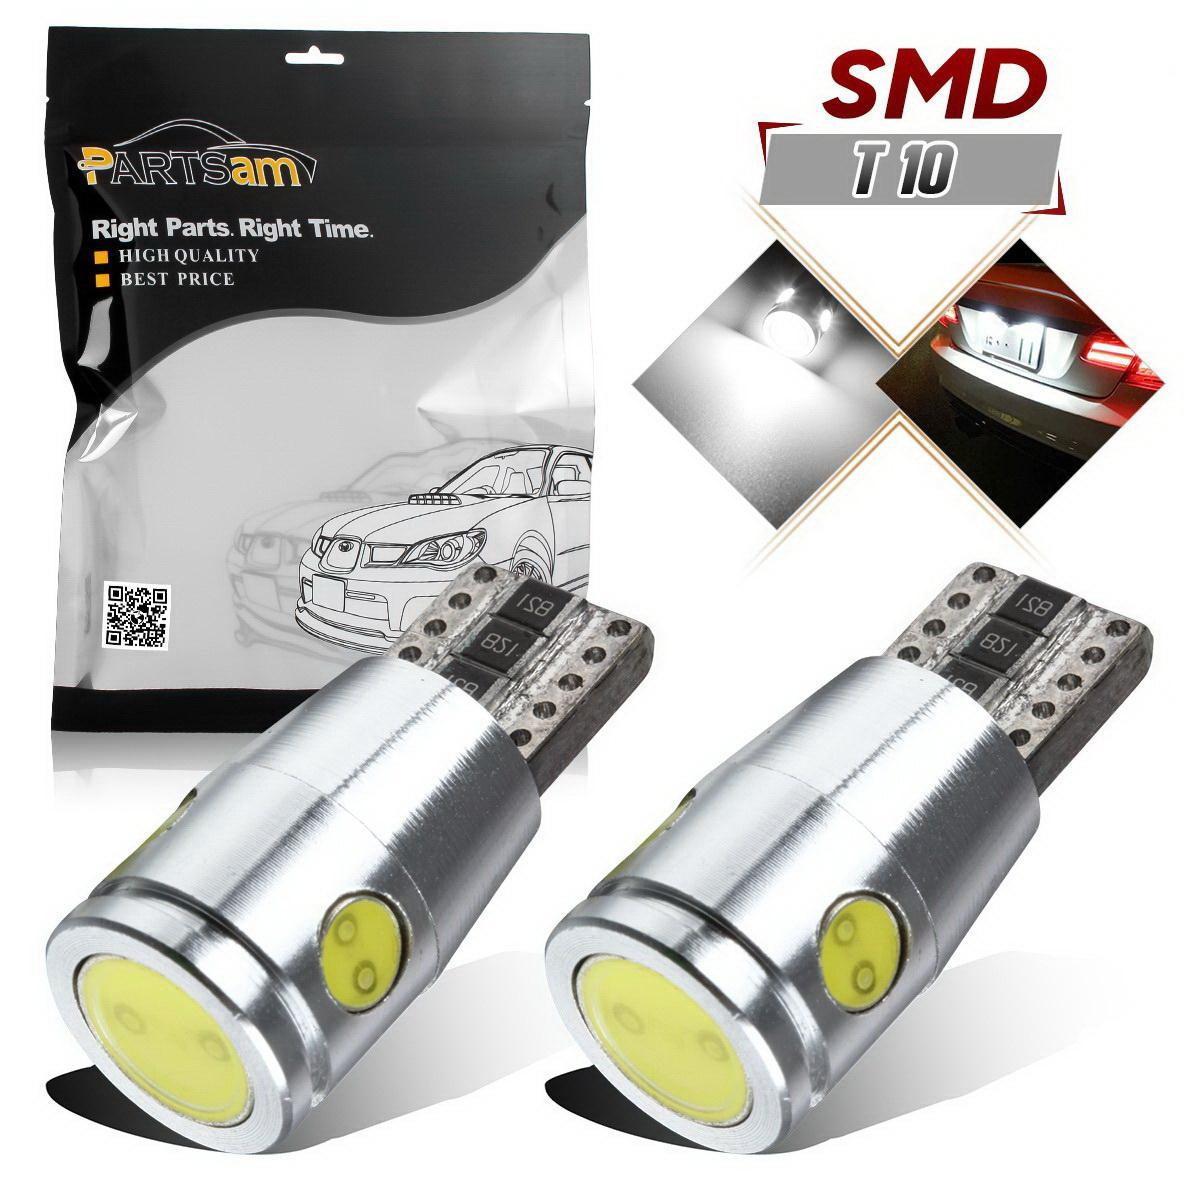 2x White T10 High Power Canbus Error Free LED LIGHT For Backup Reverse Lights 192840275028